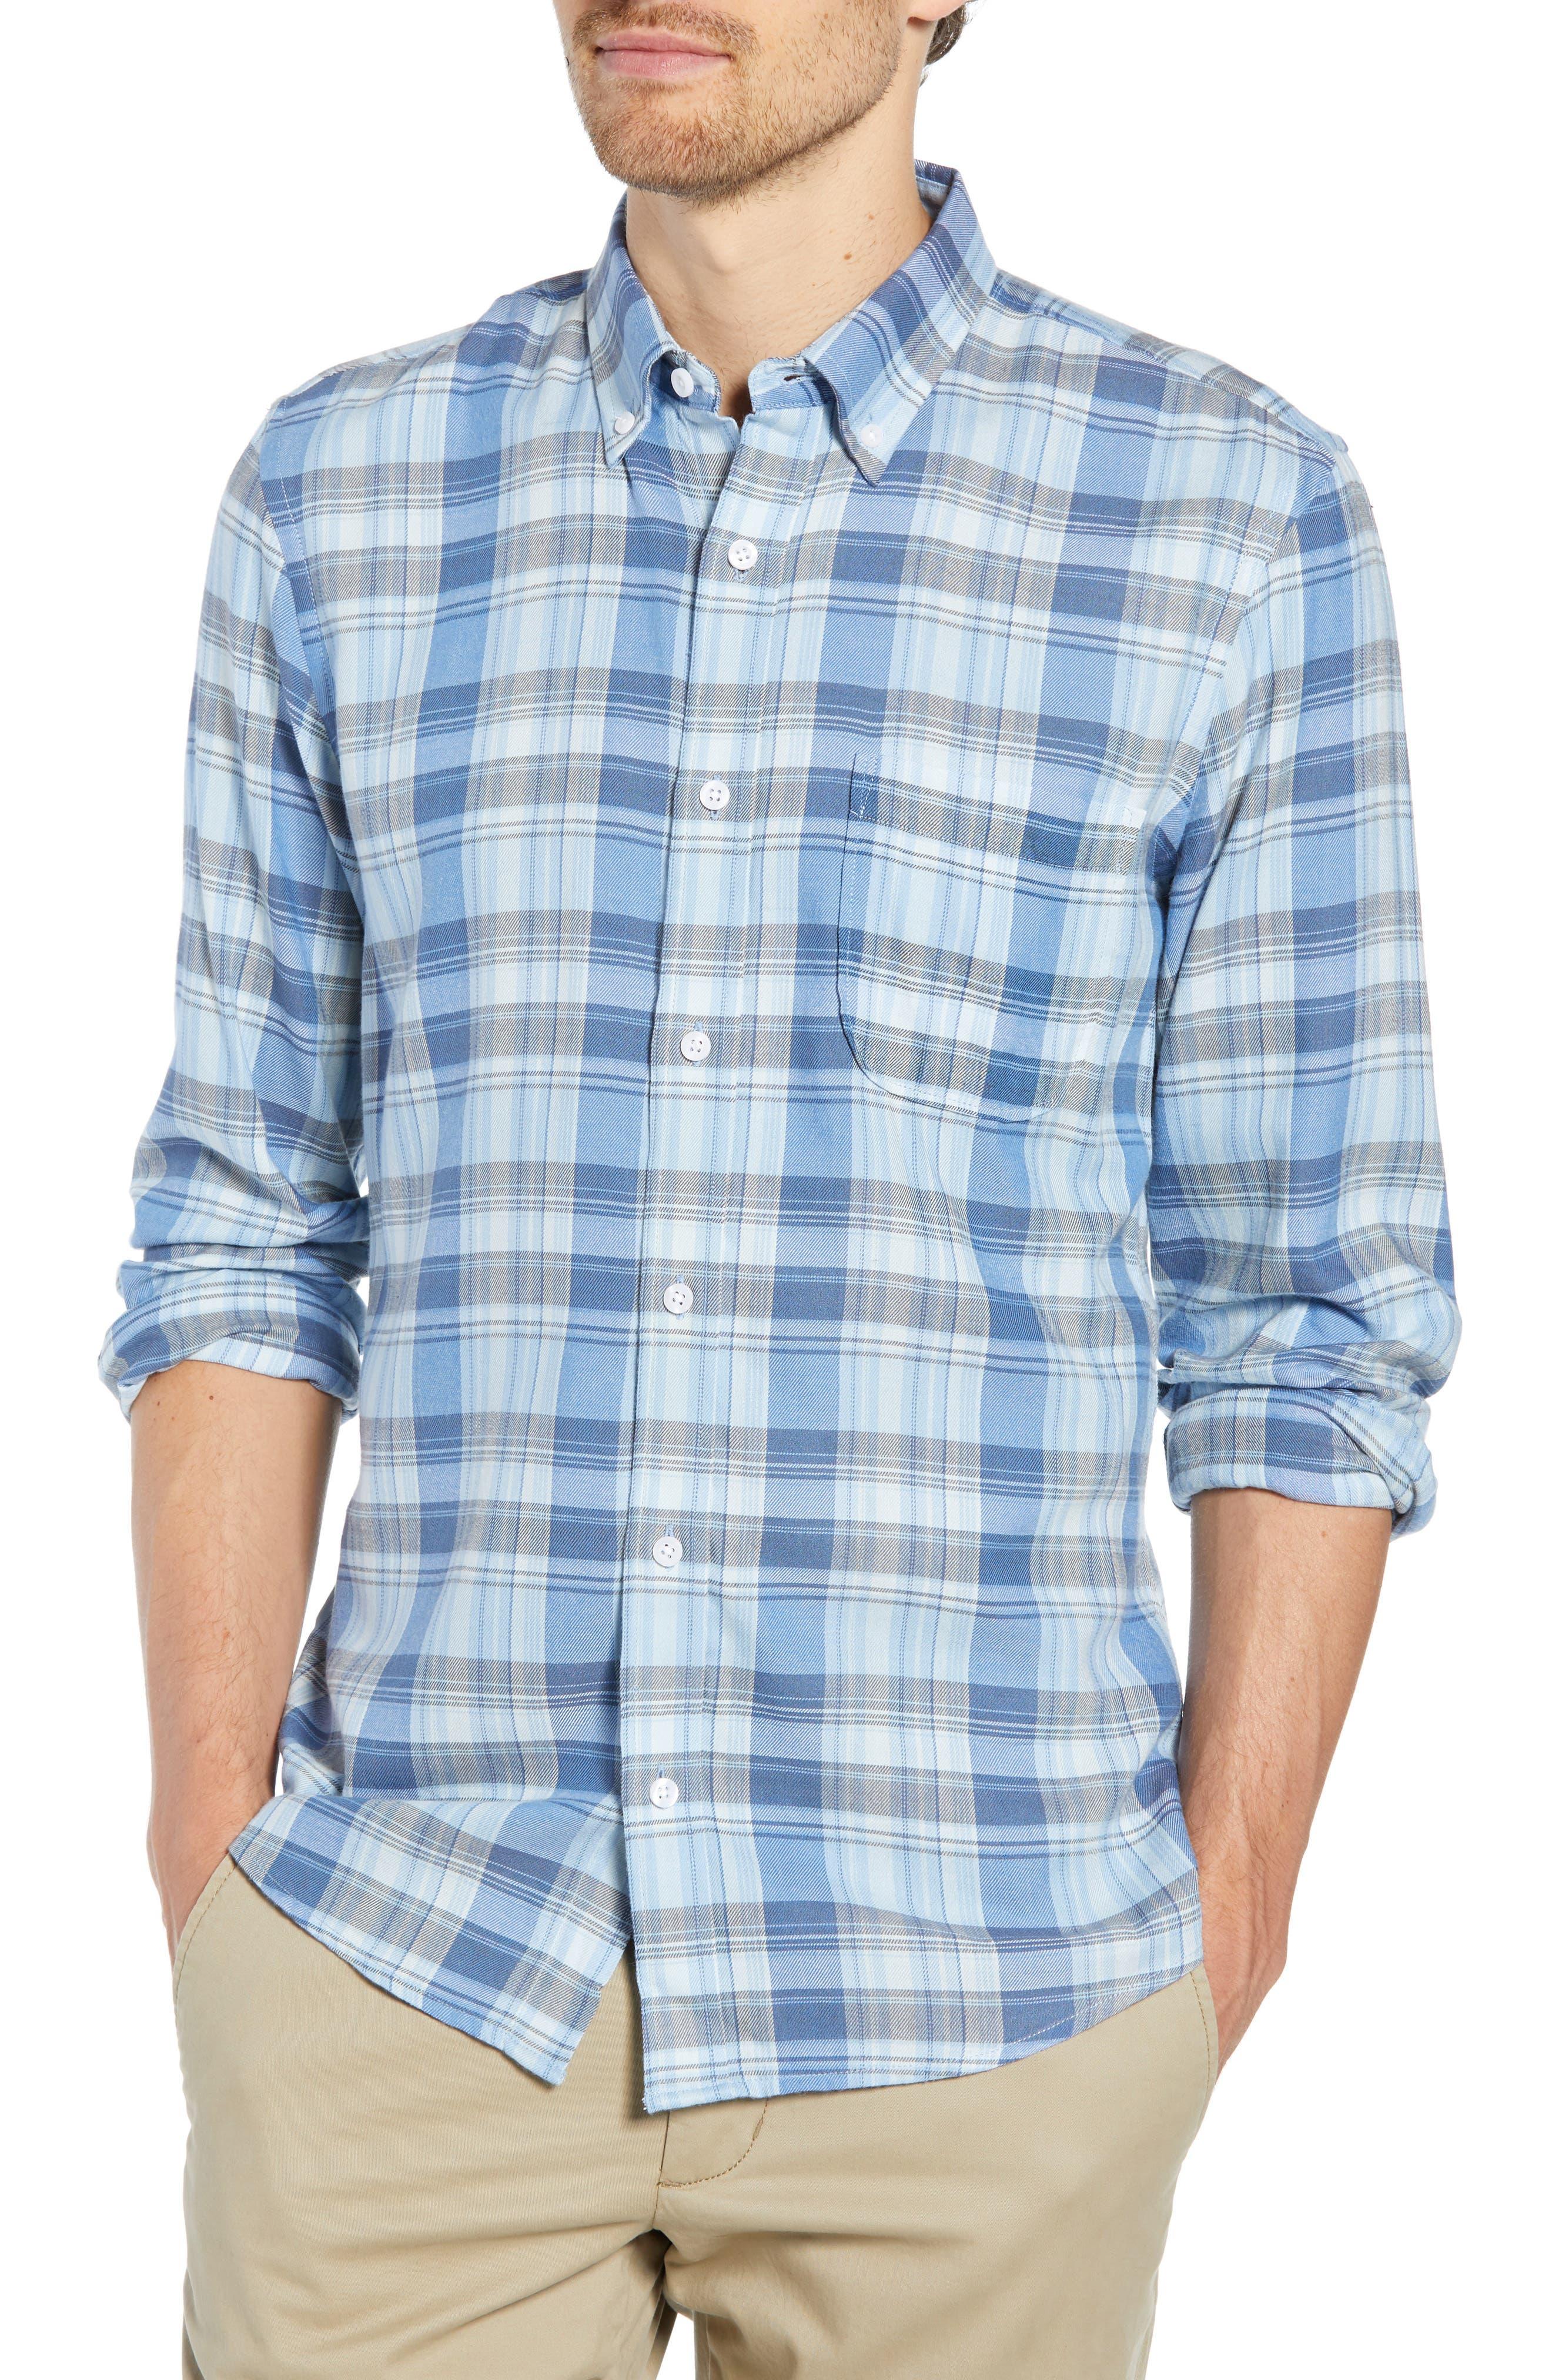 Slim Fit Plaid Sport Shirt,                         Main,                         color, BLUE CHAMBRAY BLUE DARK PLAID